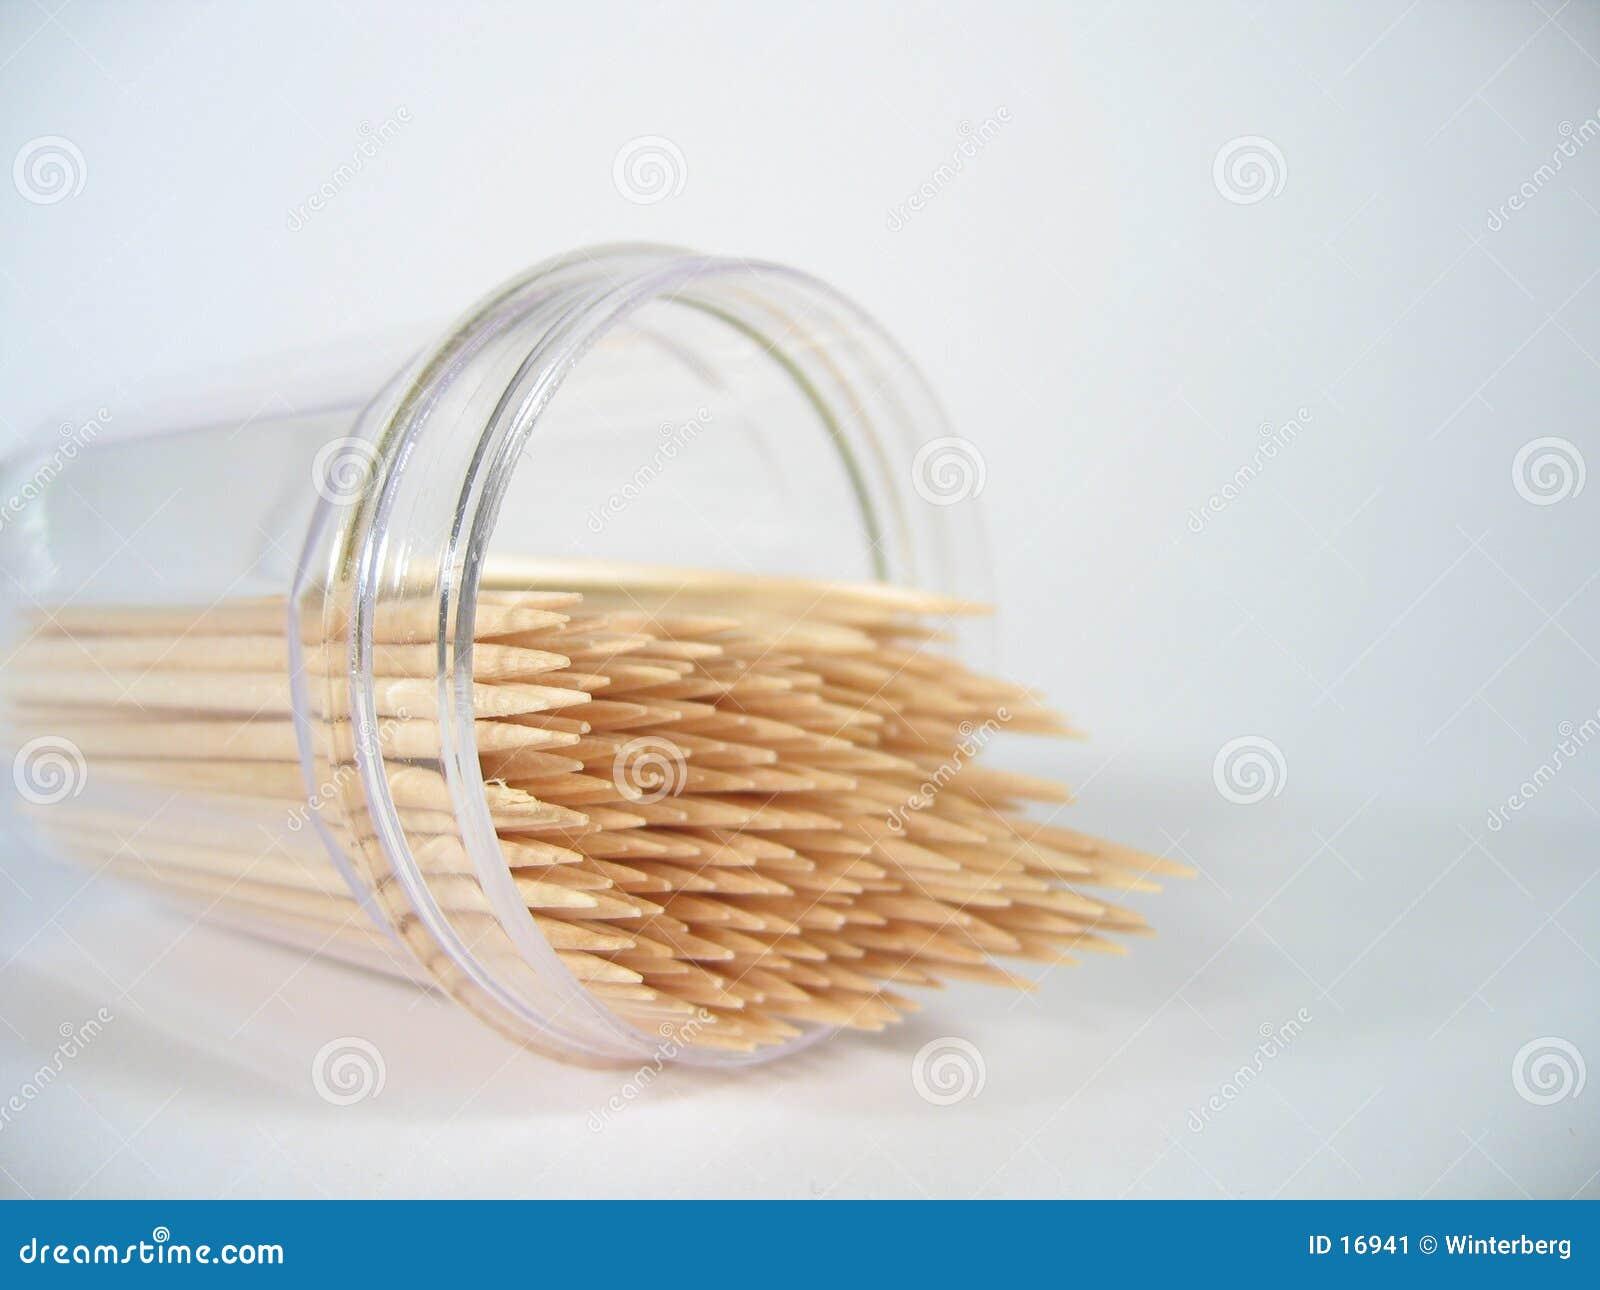 Toothpicks II